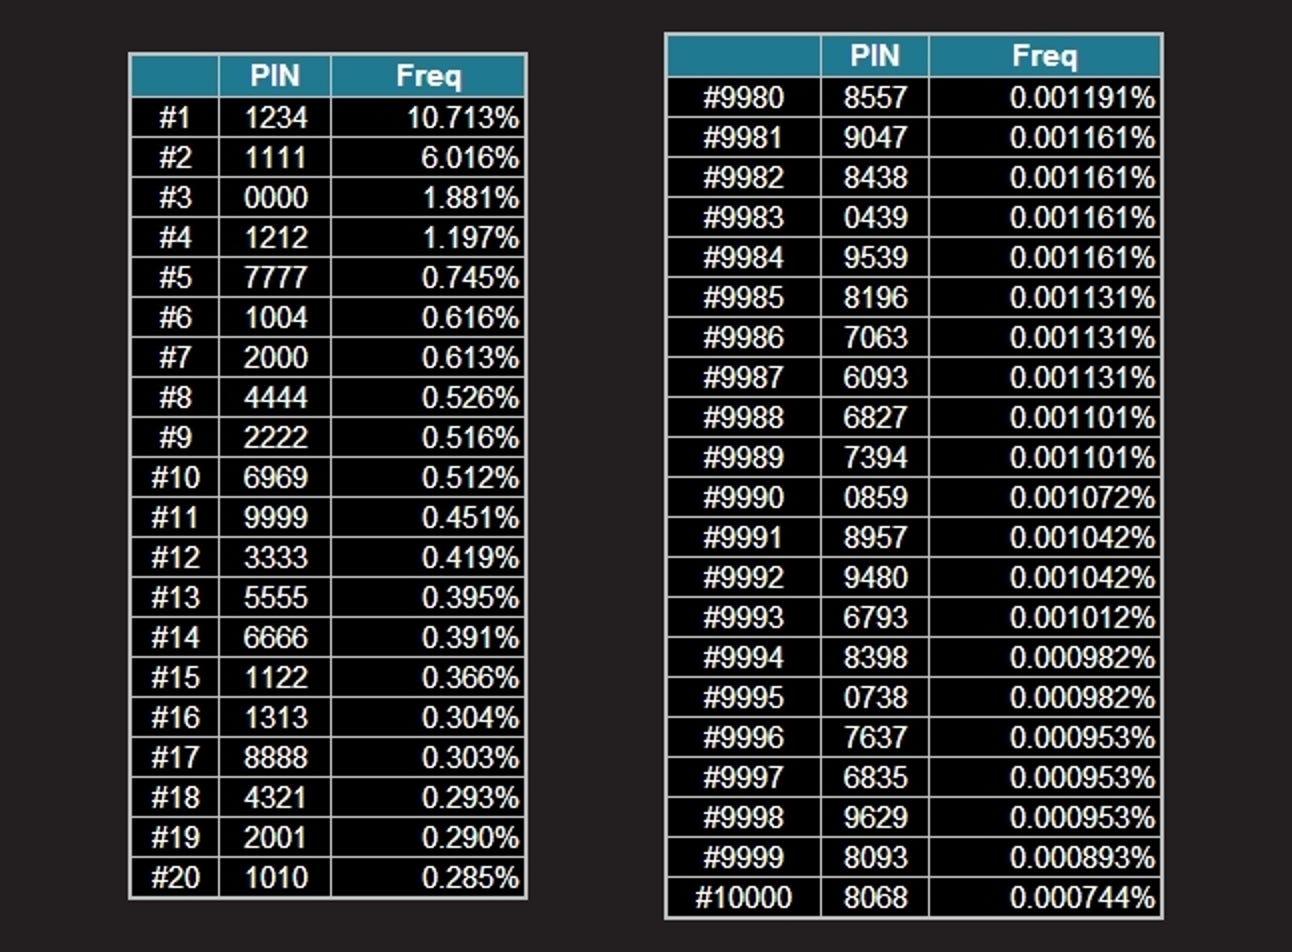 Die am häufigsten und am wenigsten verwendeten 4-stelligen PIN-Nummern [Security Analysis Report]